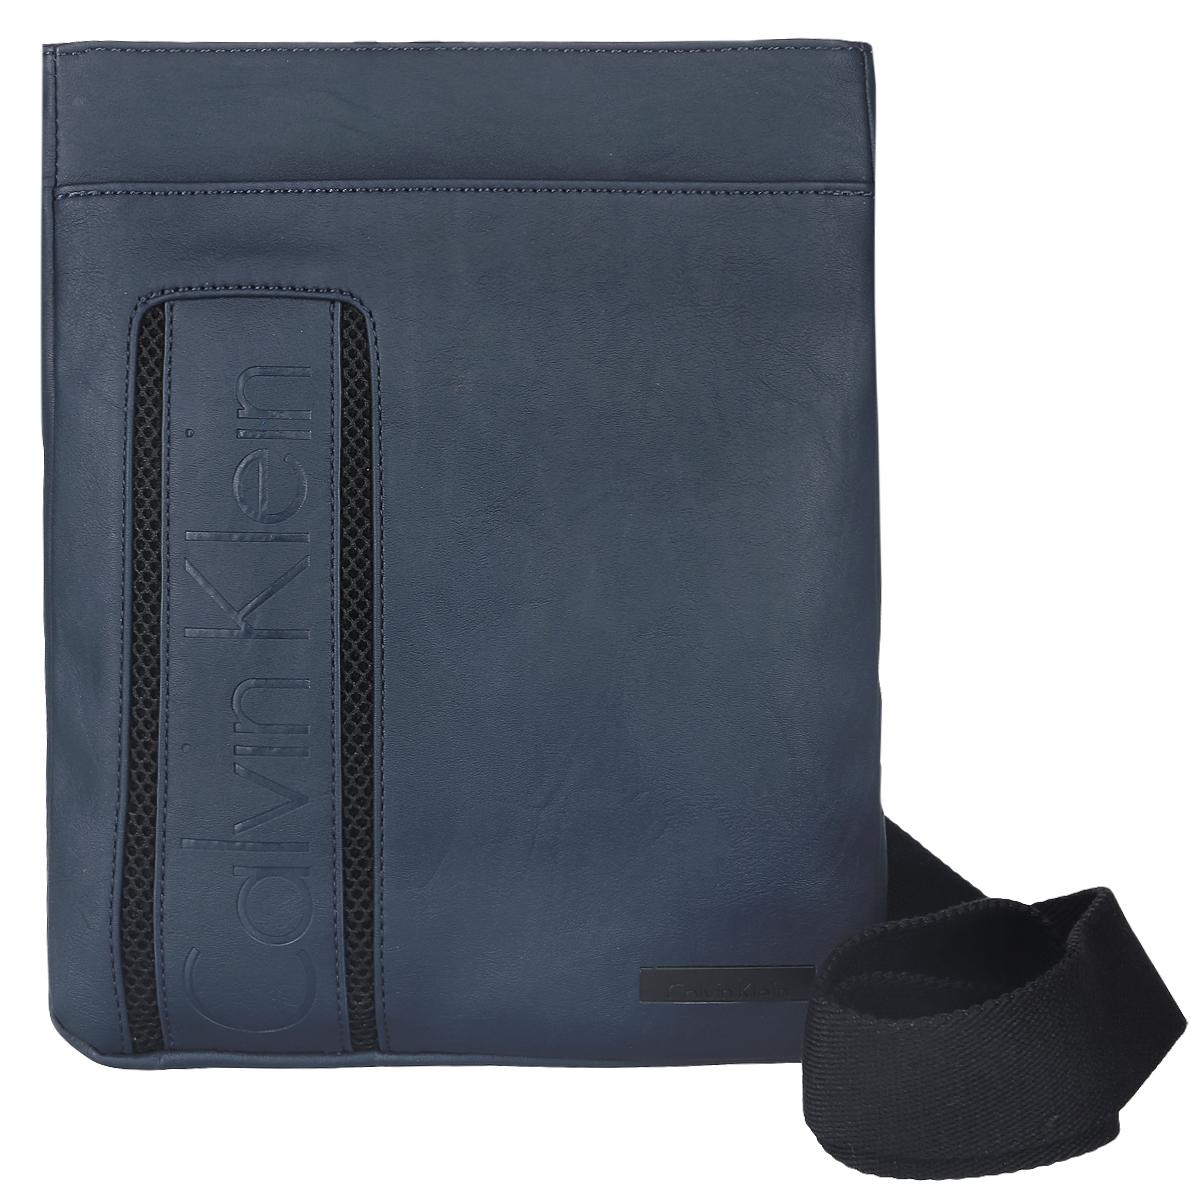 Сумка мужская Calvin Klein Jeans, цвет: темно-синий. K50K500522K50K500522Стильная сумка Calvin Klein Jeans выполнена из 100% полиуретана, оформлена символикой бренда. Изделие содержит одно отделение, которое закрывается на застежку-молнию. Внутри сумки размещен один накладной кармашек для мелочей. На передней и задней стенках расположены накладные открытые карманы. Сумка оснащена плечевым ремнем регулируемой длины. В комплекте с изделием поставляется чехол для хранения.